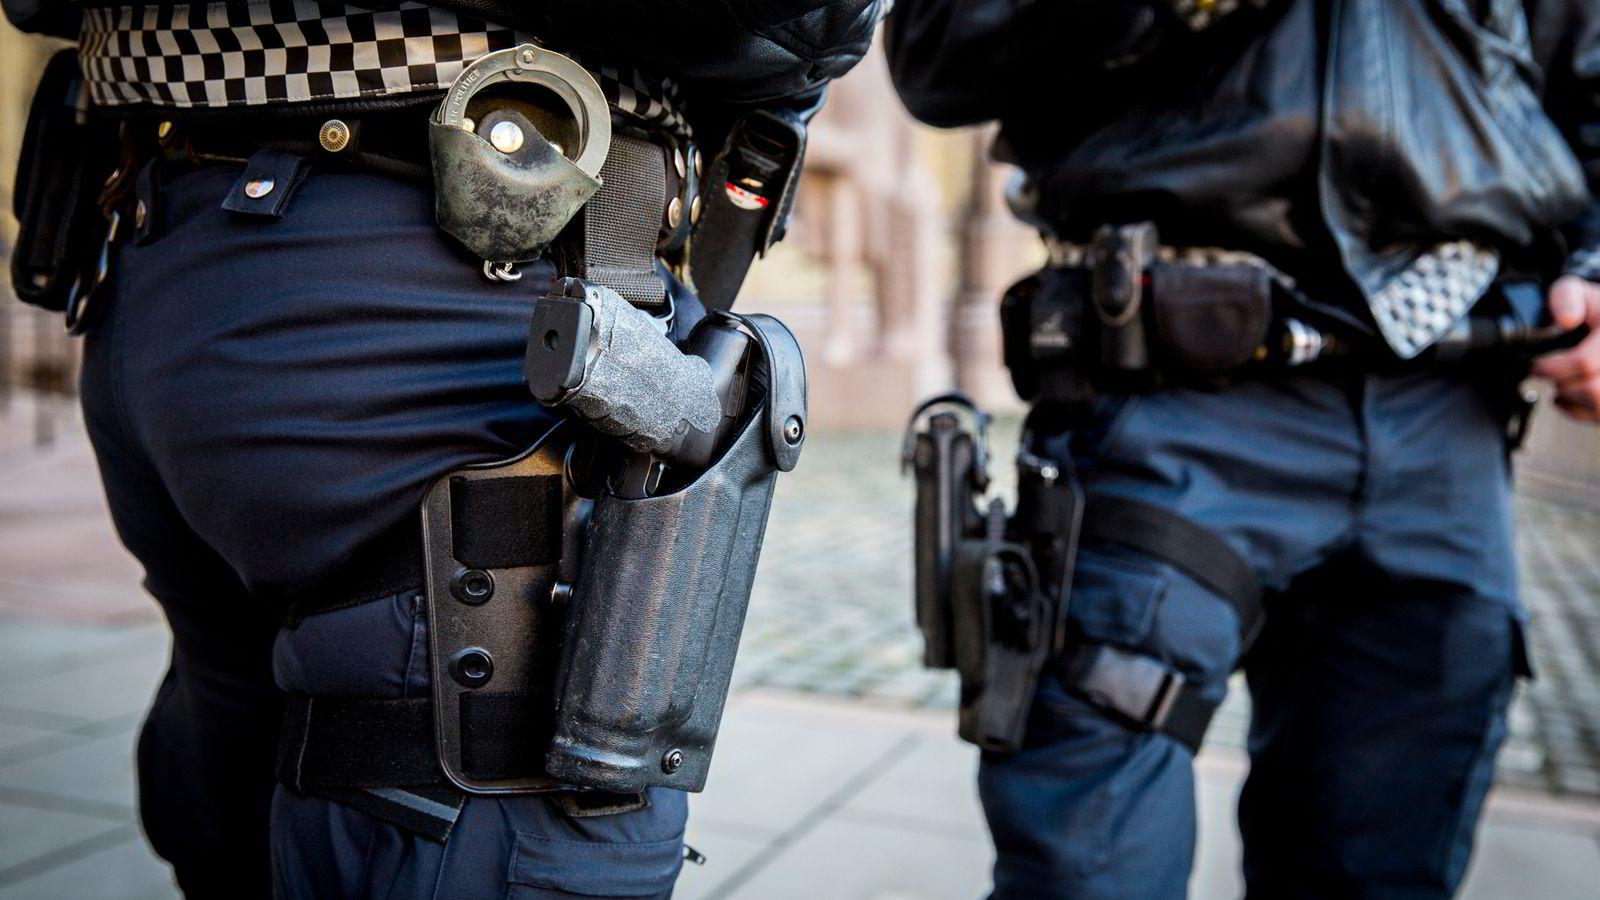 Det er ikke vanskelig å forstå hvorfor Politiets Fellesforbund er så hissig på at politifolk skal få lov til å bære våpen på heltid som en fast del av uniformen, skriver artikkelforfatteren. Foto: Erlend Aas /